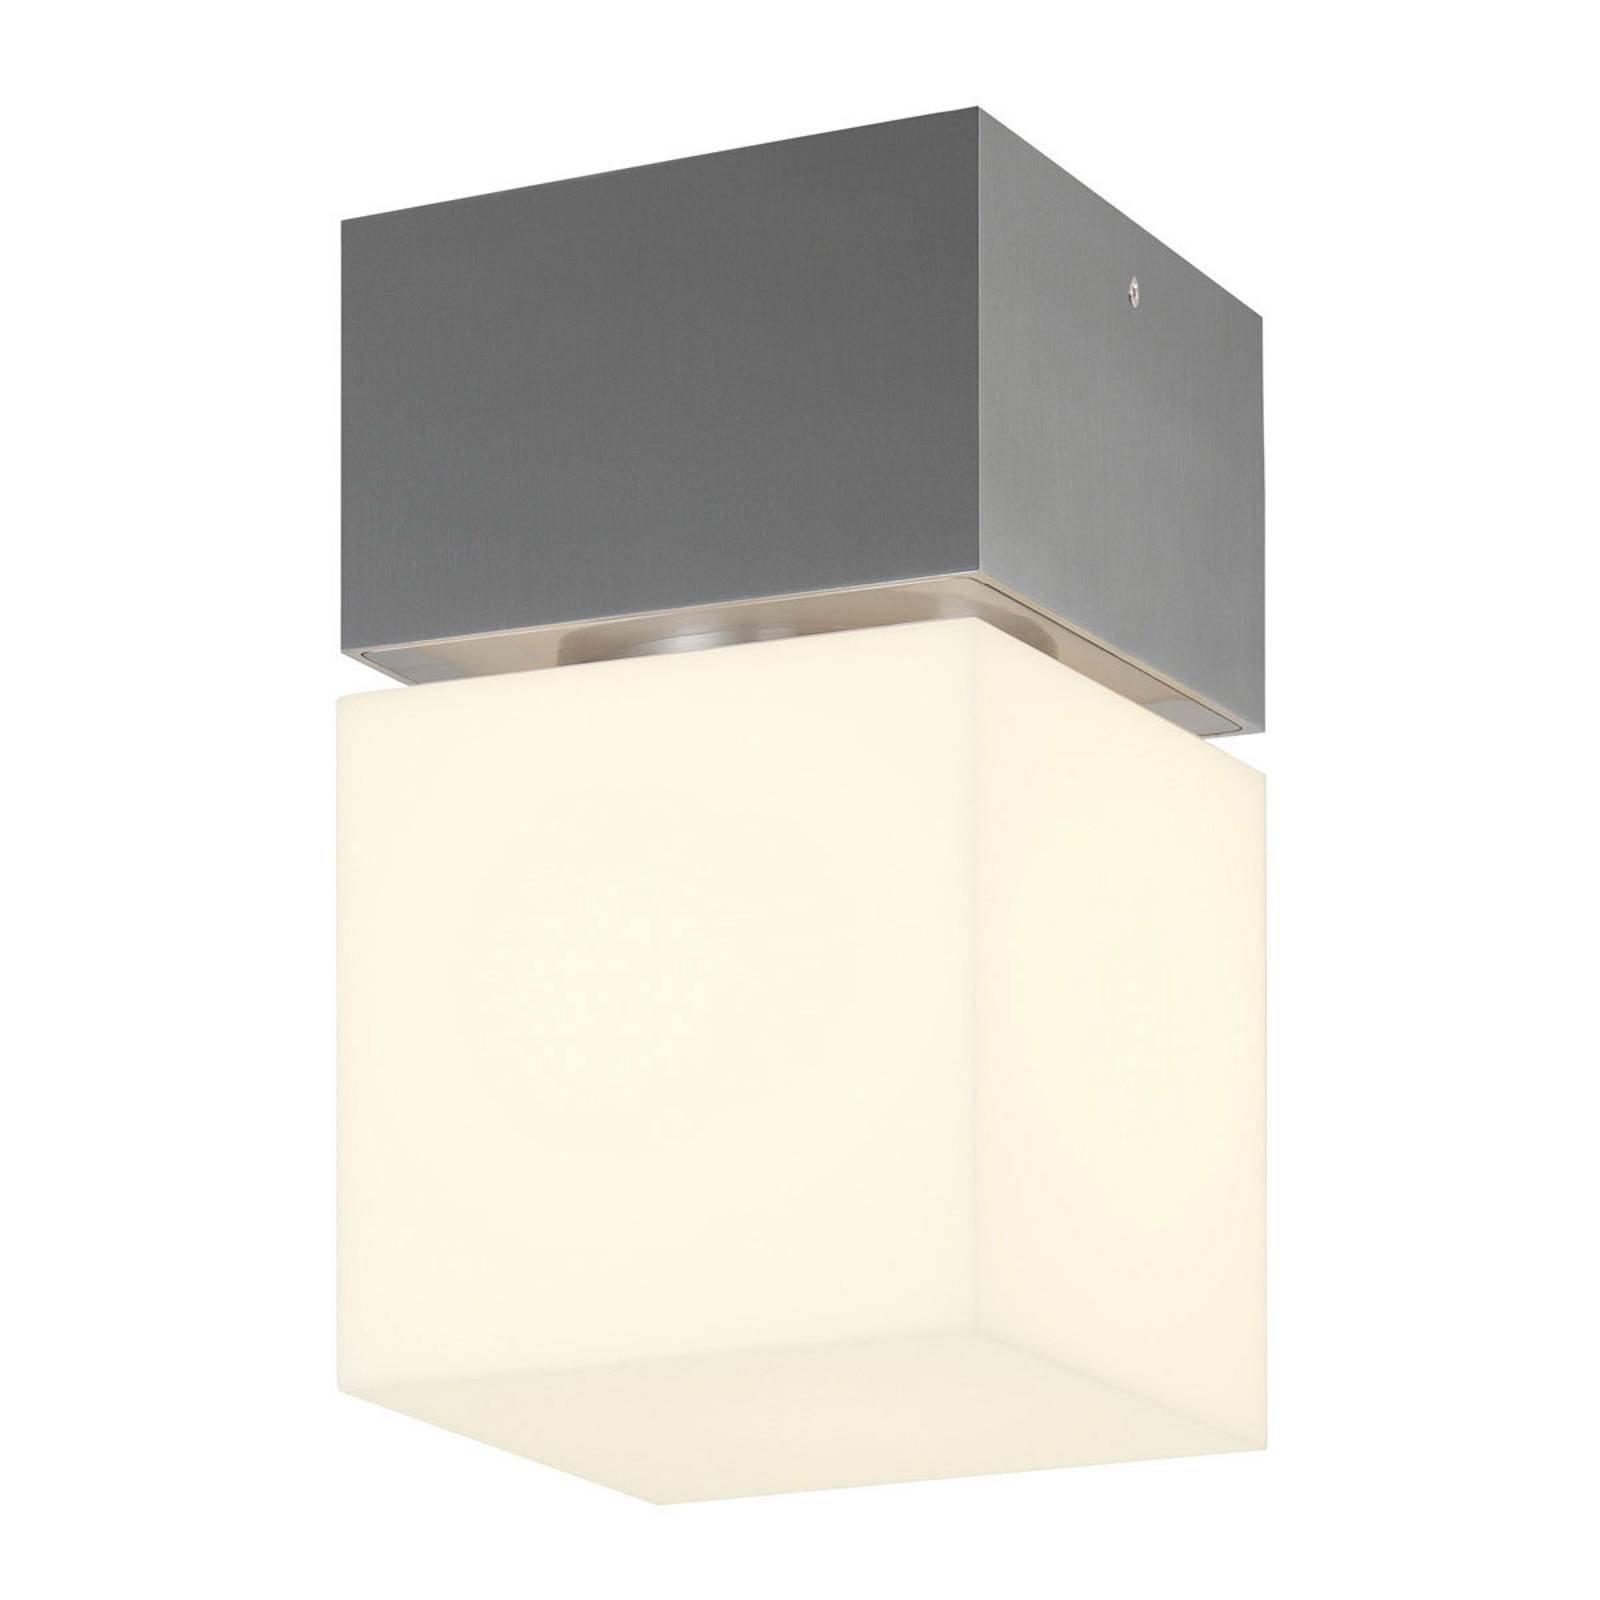 SLV Square utendørs LED-taklampe, rustfritt stål